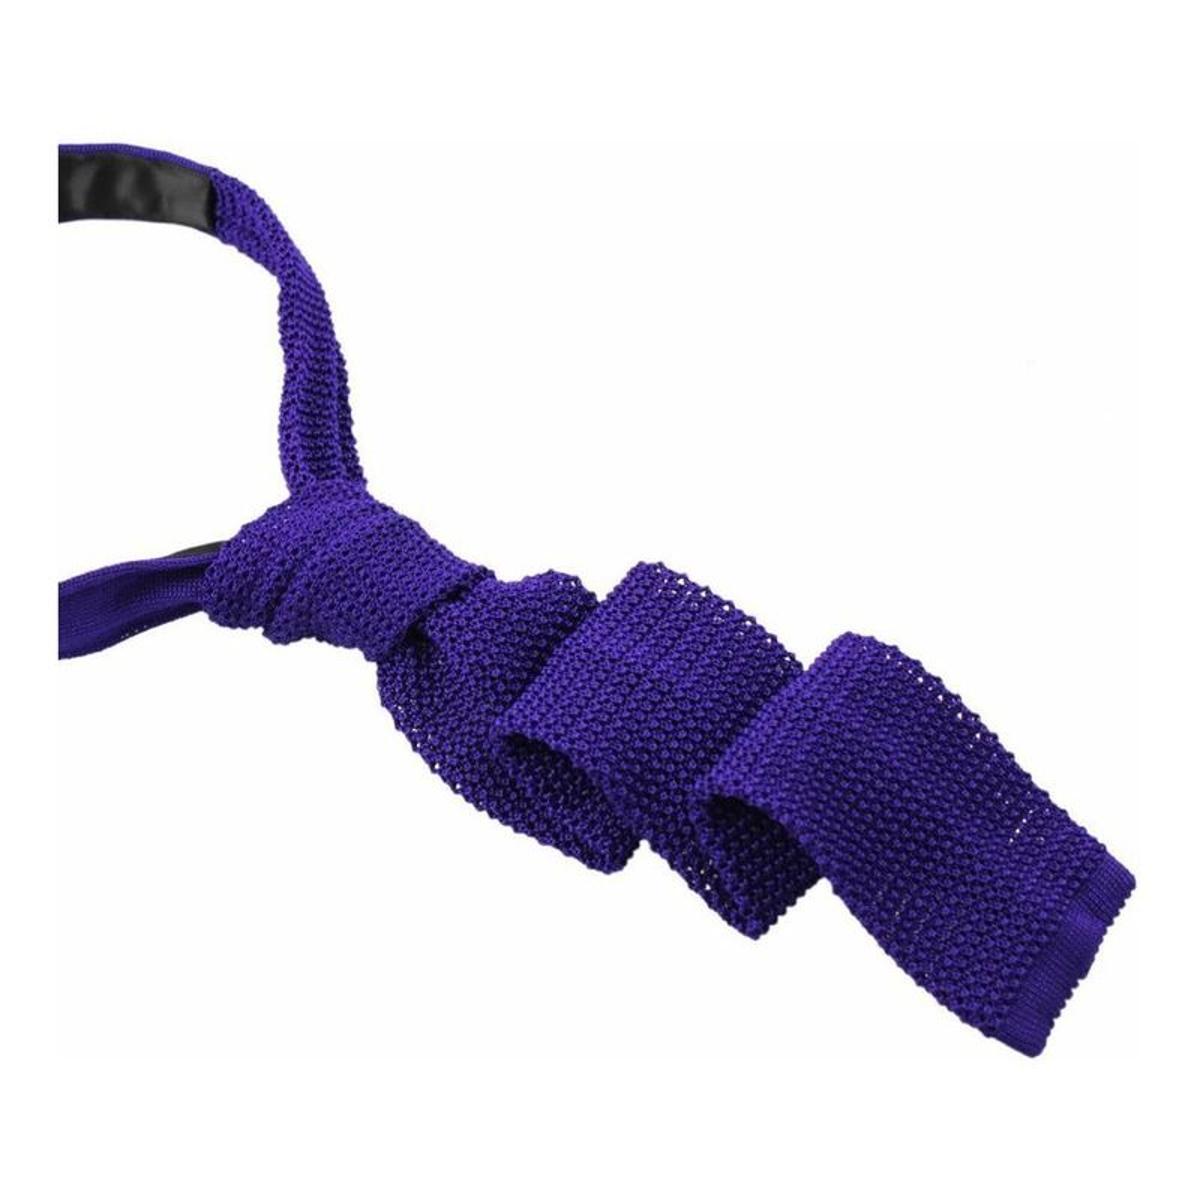 Cravate tricot soie intemporelle tony